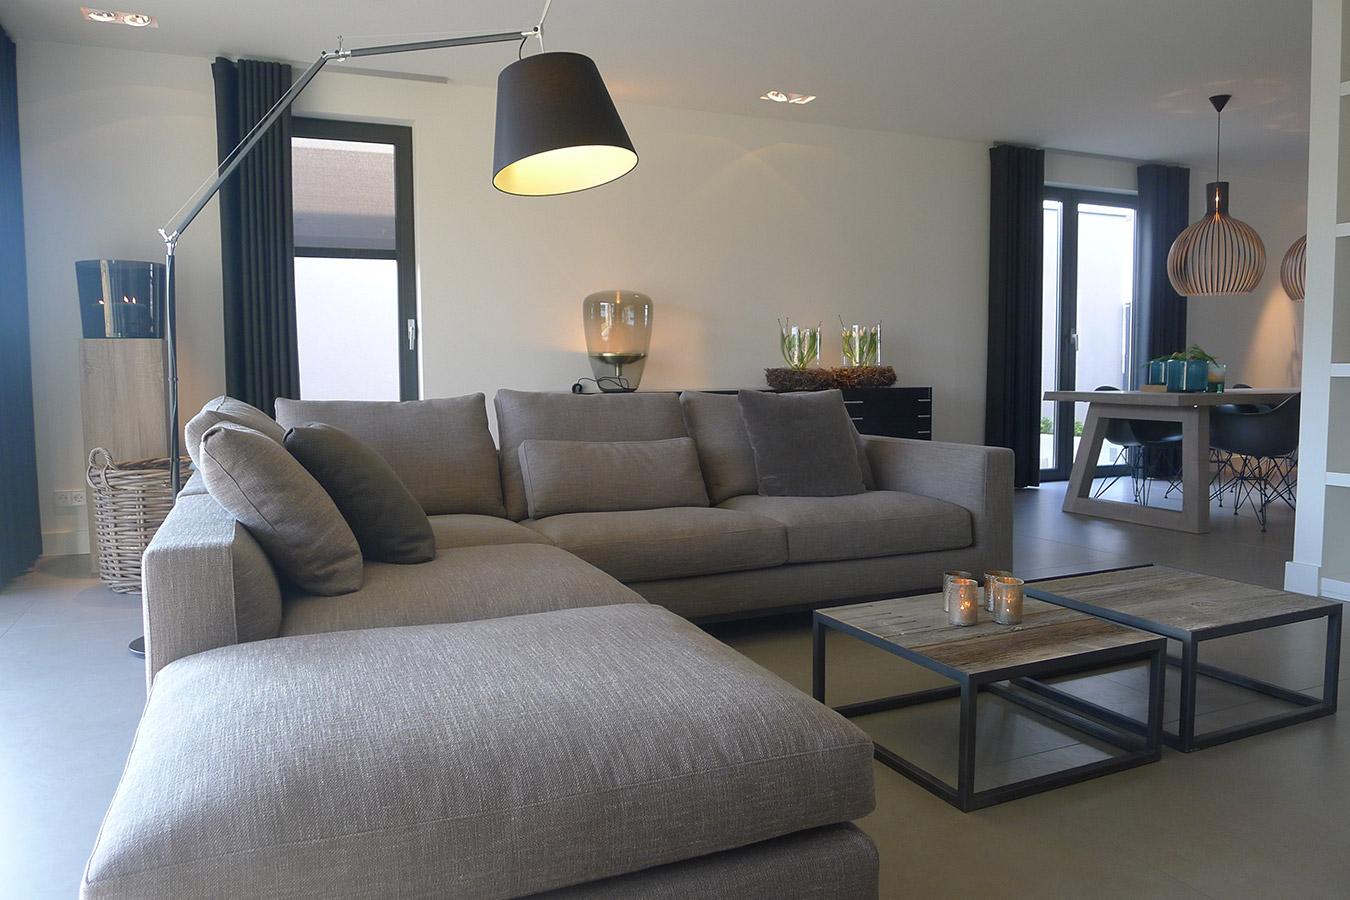 http://www.perceel02.nl/images/woonkamer-ontwerp-interieurarchitect-limbricht.jpg